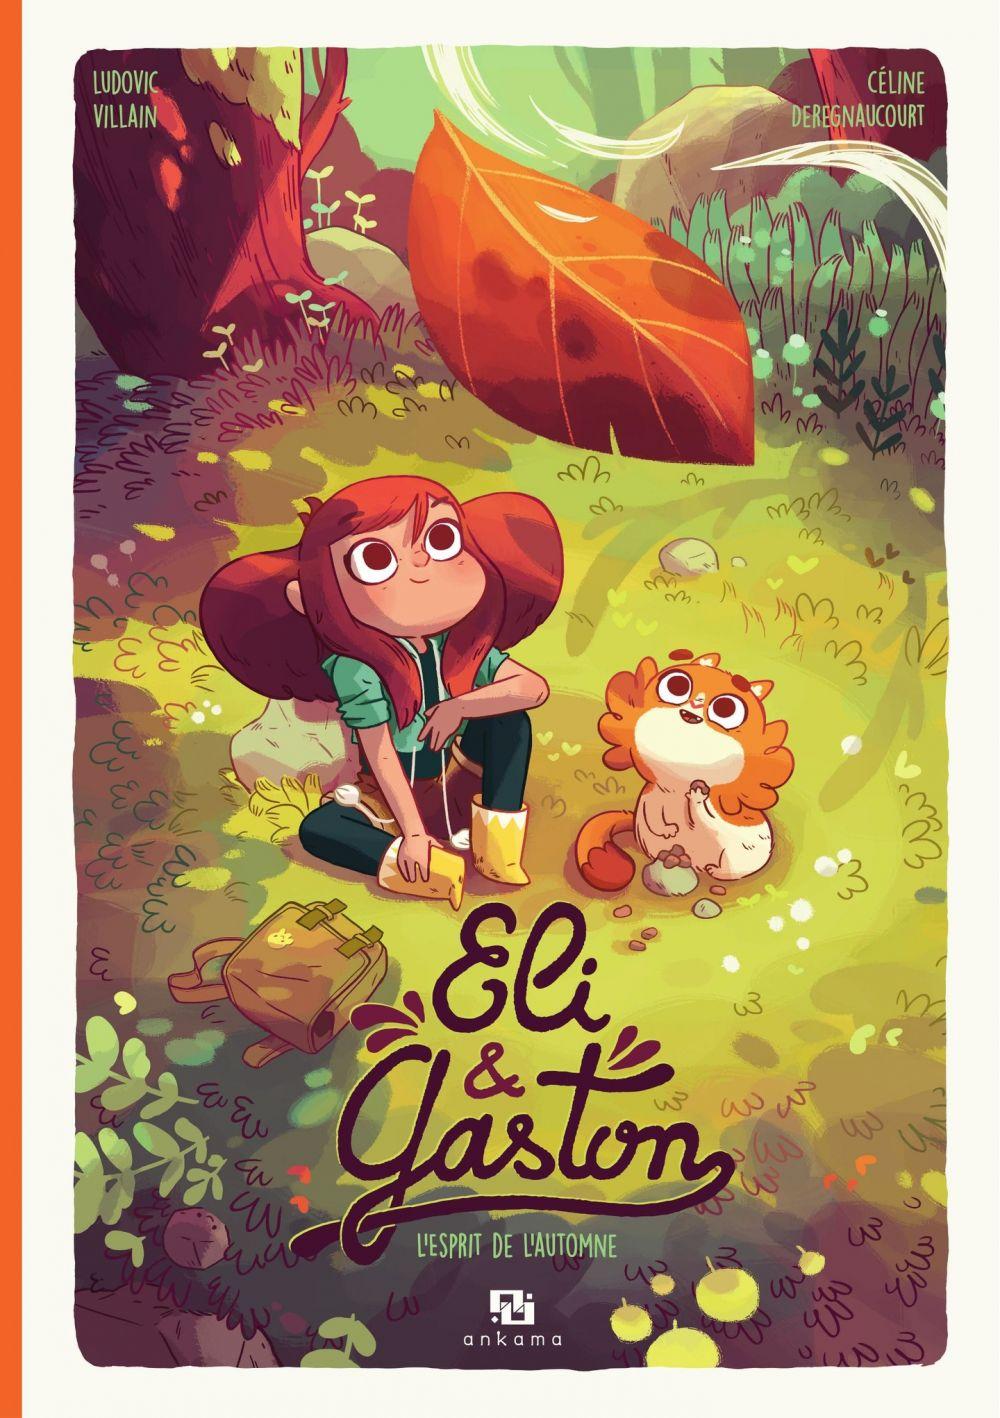 Eli & Gaston | Villain, Ludovic. Auteur